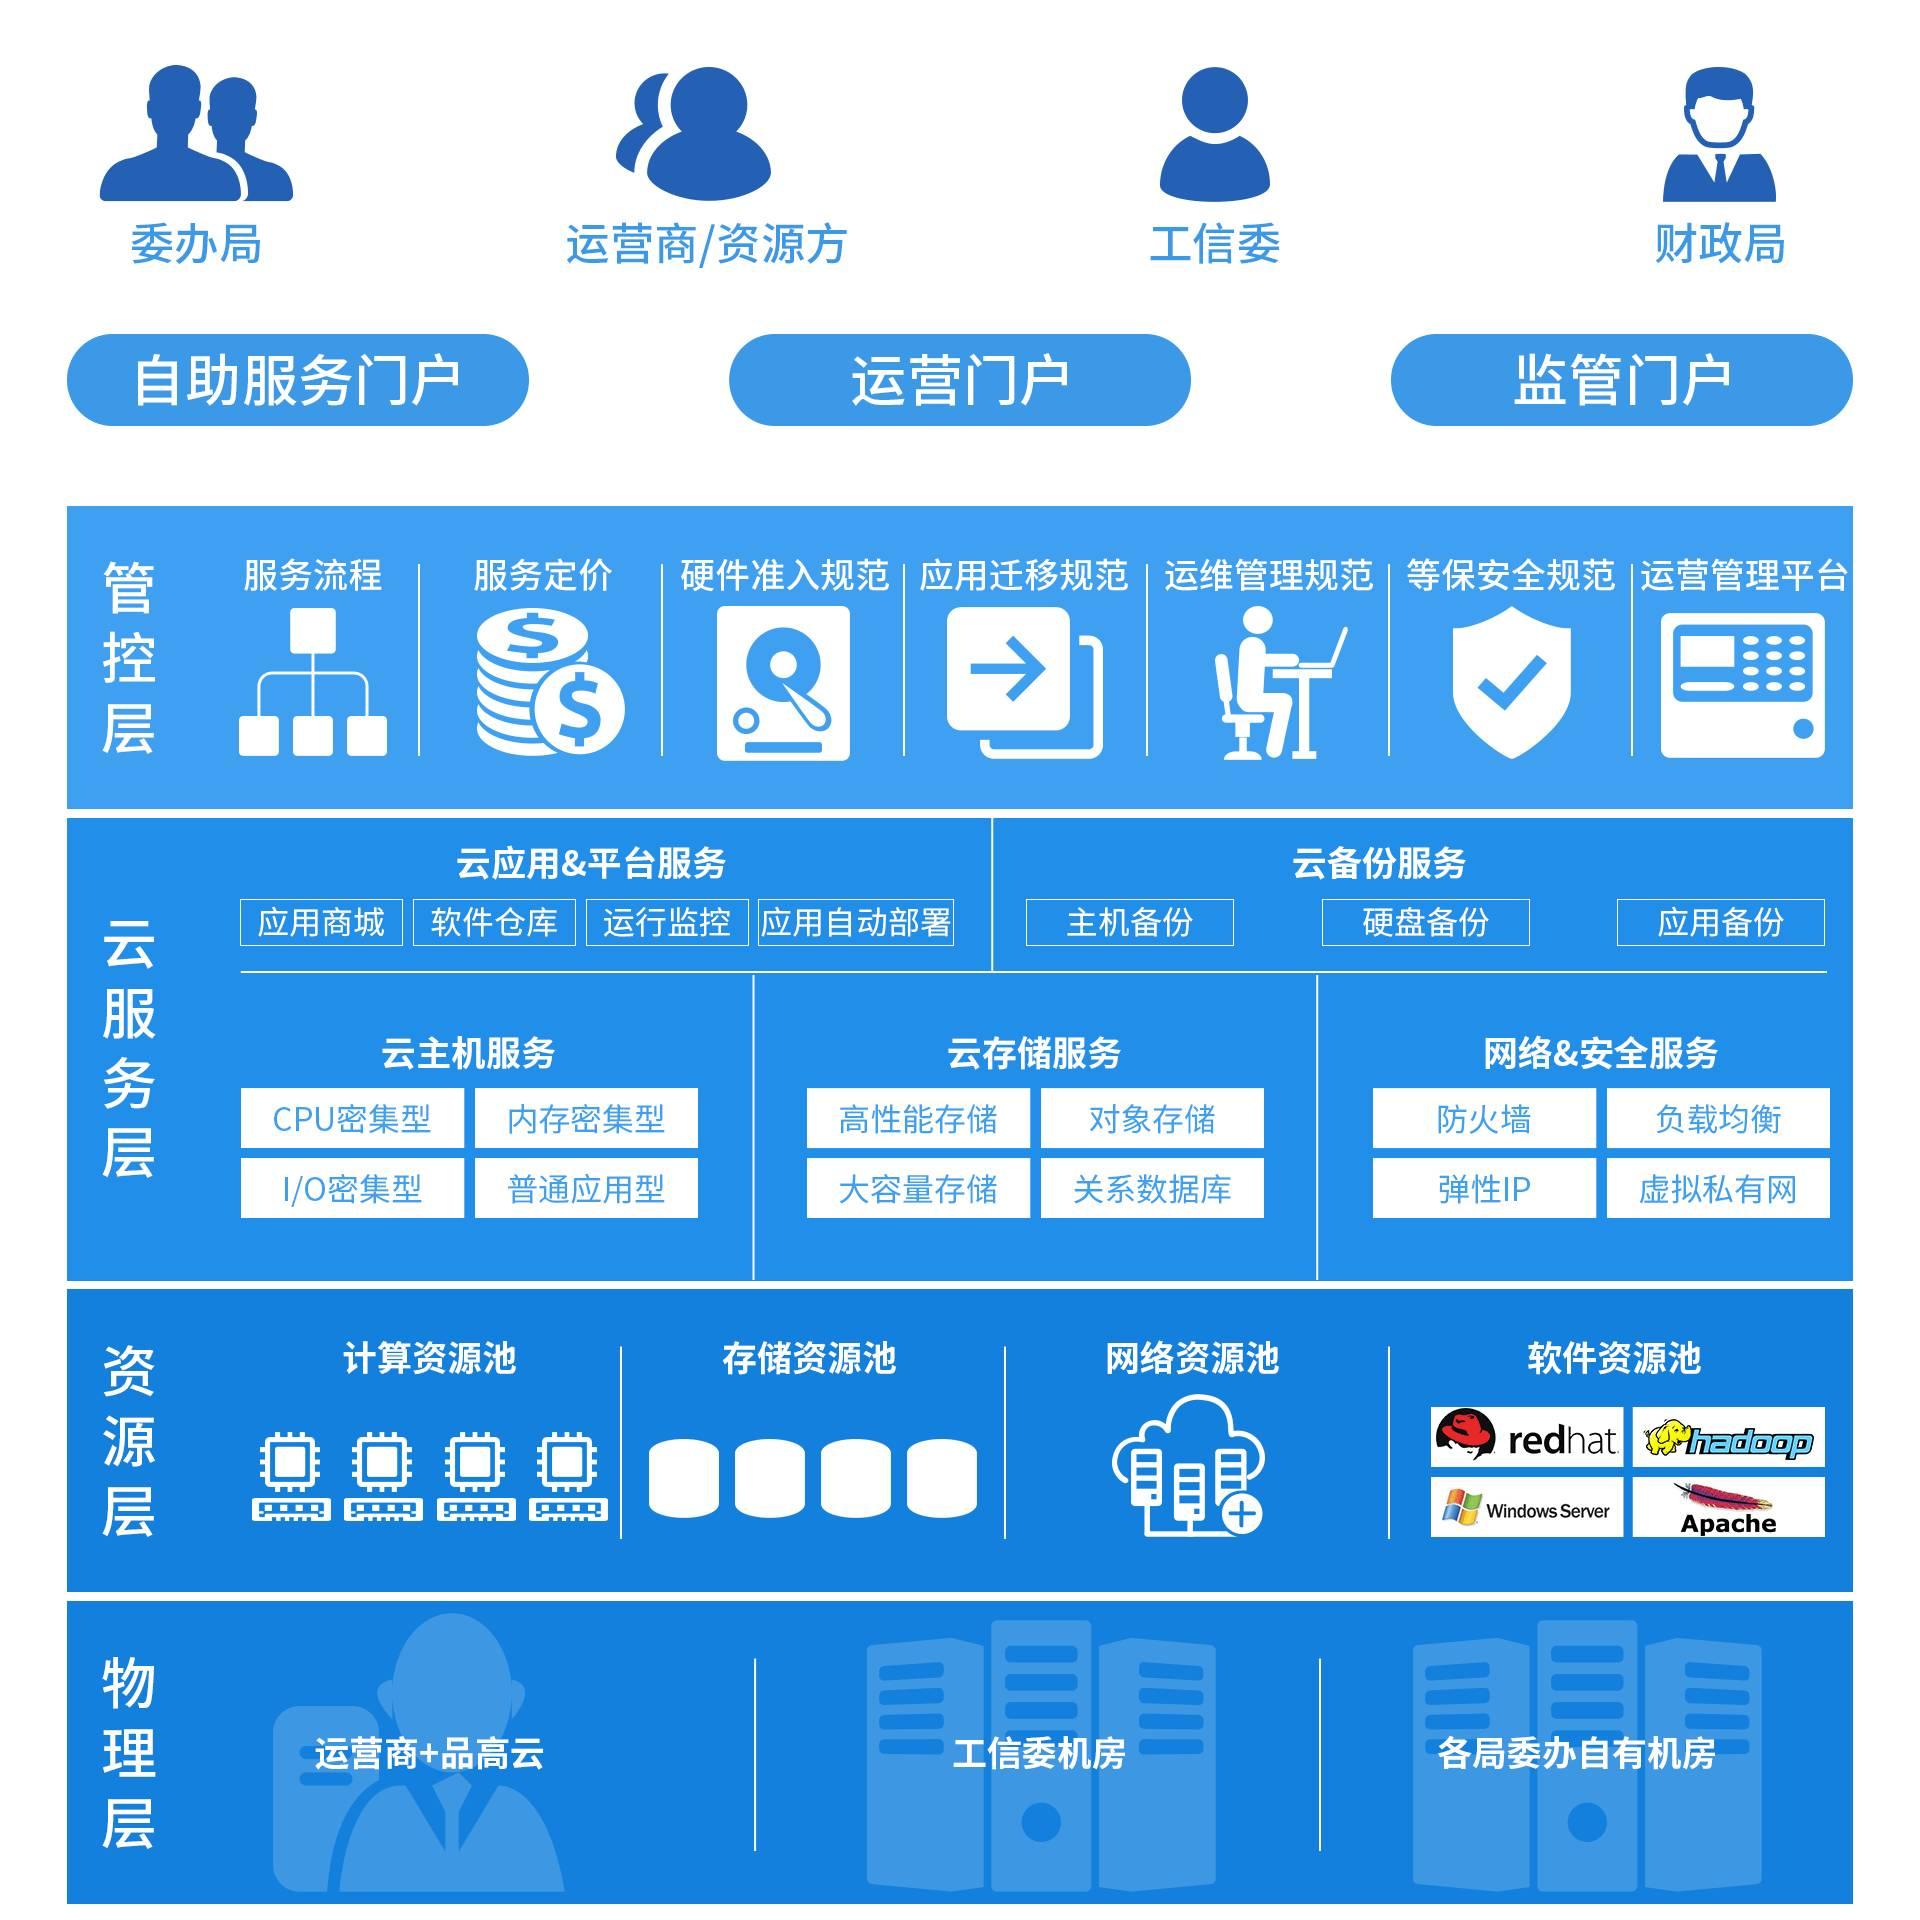 品高云中标广州市政府信息化云服务平台项目